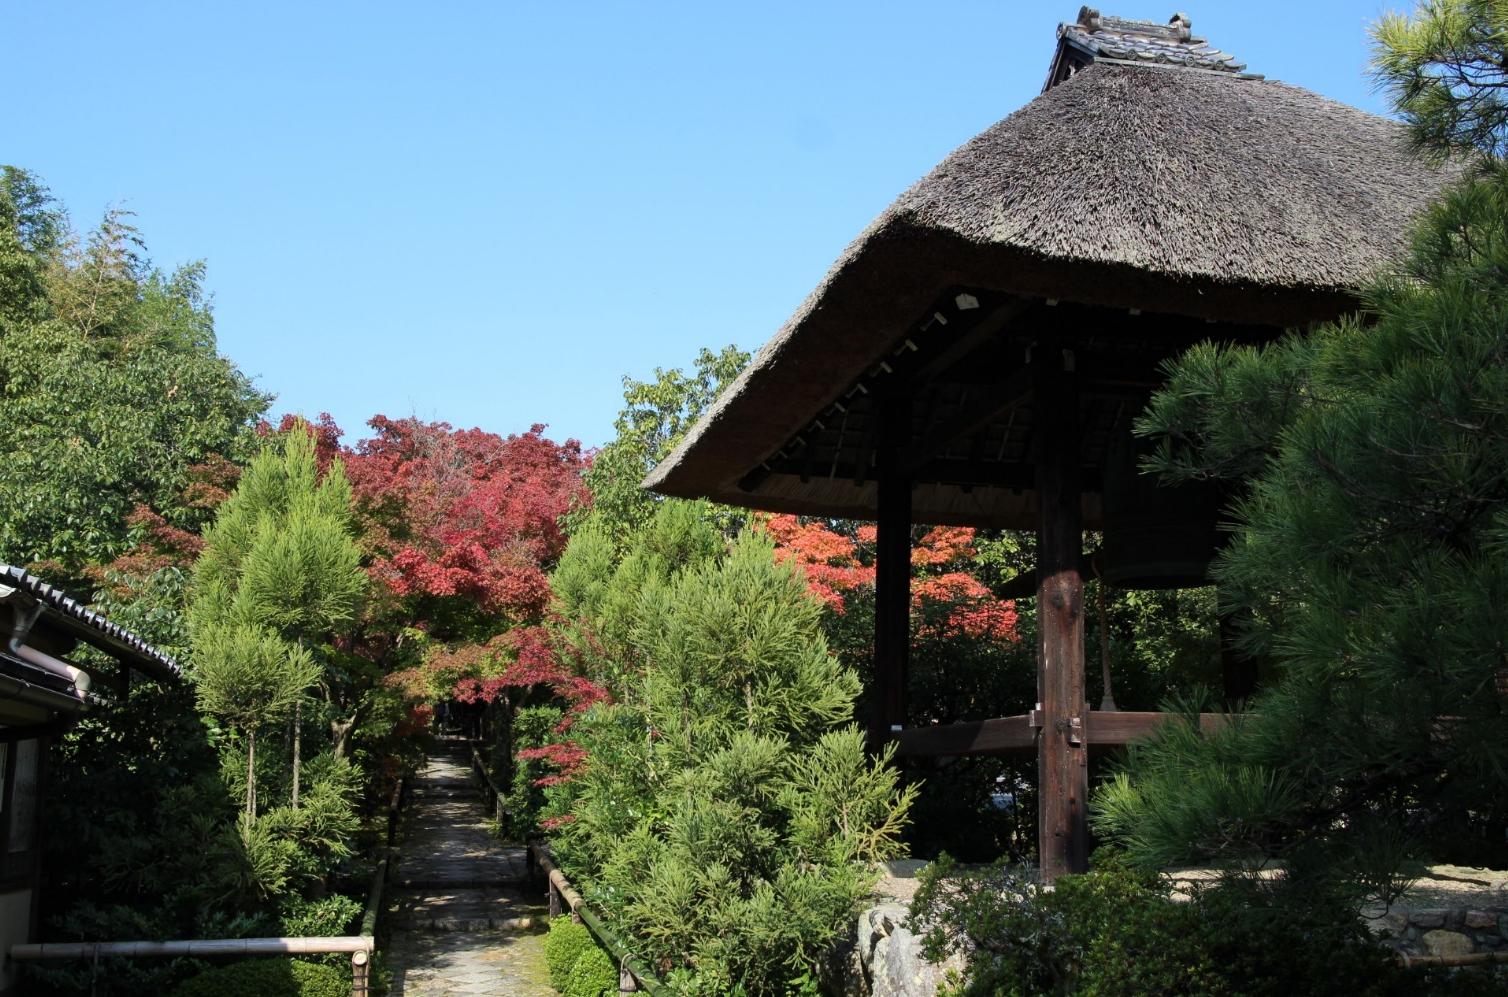 光悦寺の紅葉の状況 2016年11月7日撮影